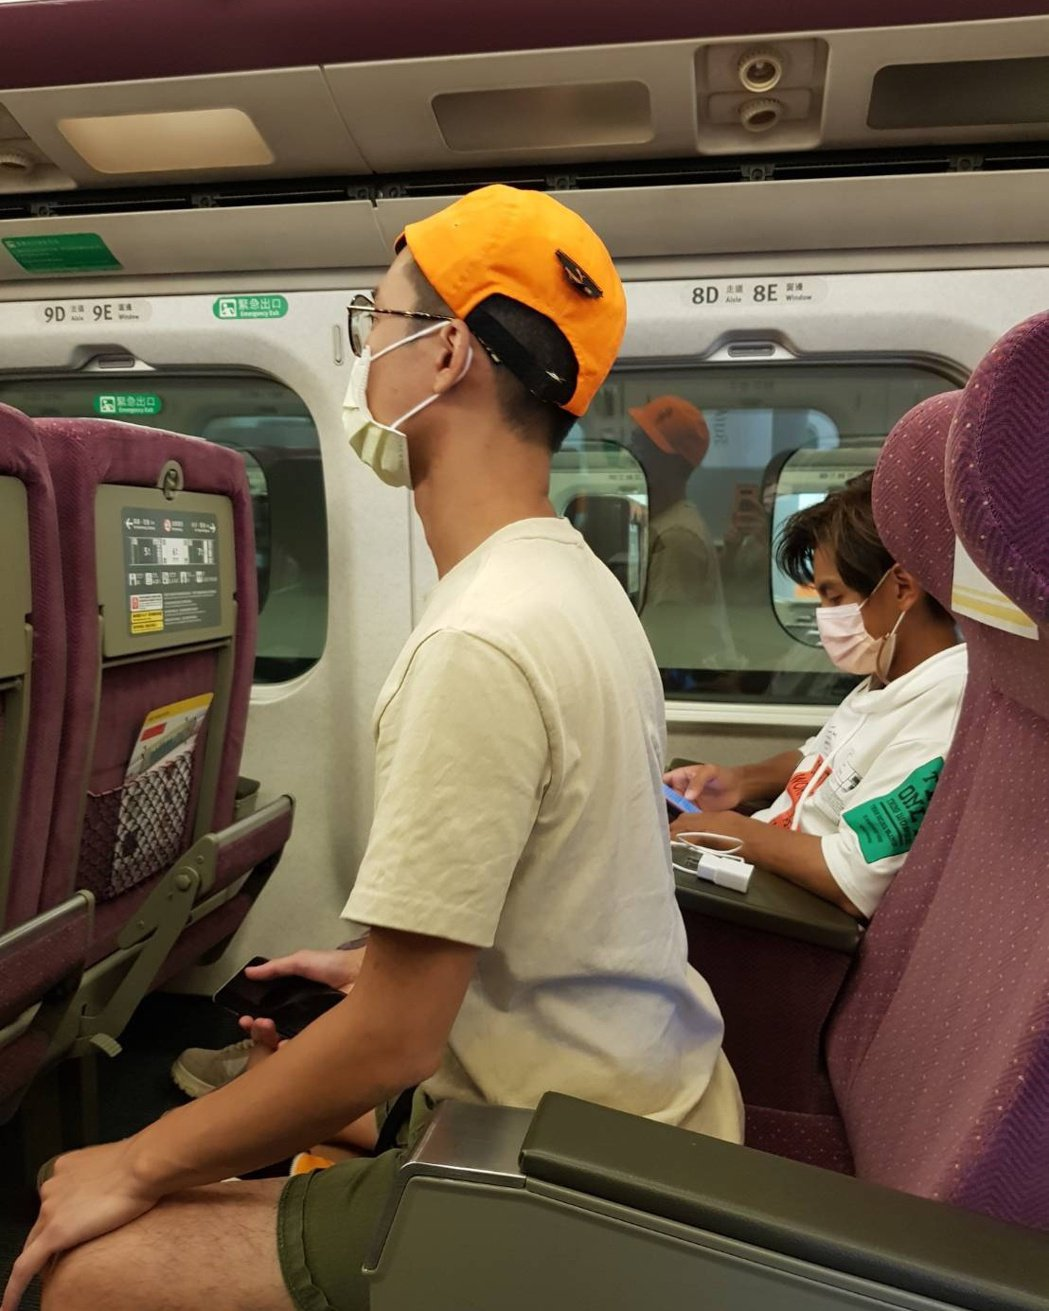 浩子與阿翔搭高鐵罕見座位是相鄰。 圖/擷自浩角翔起臉書